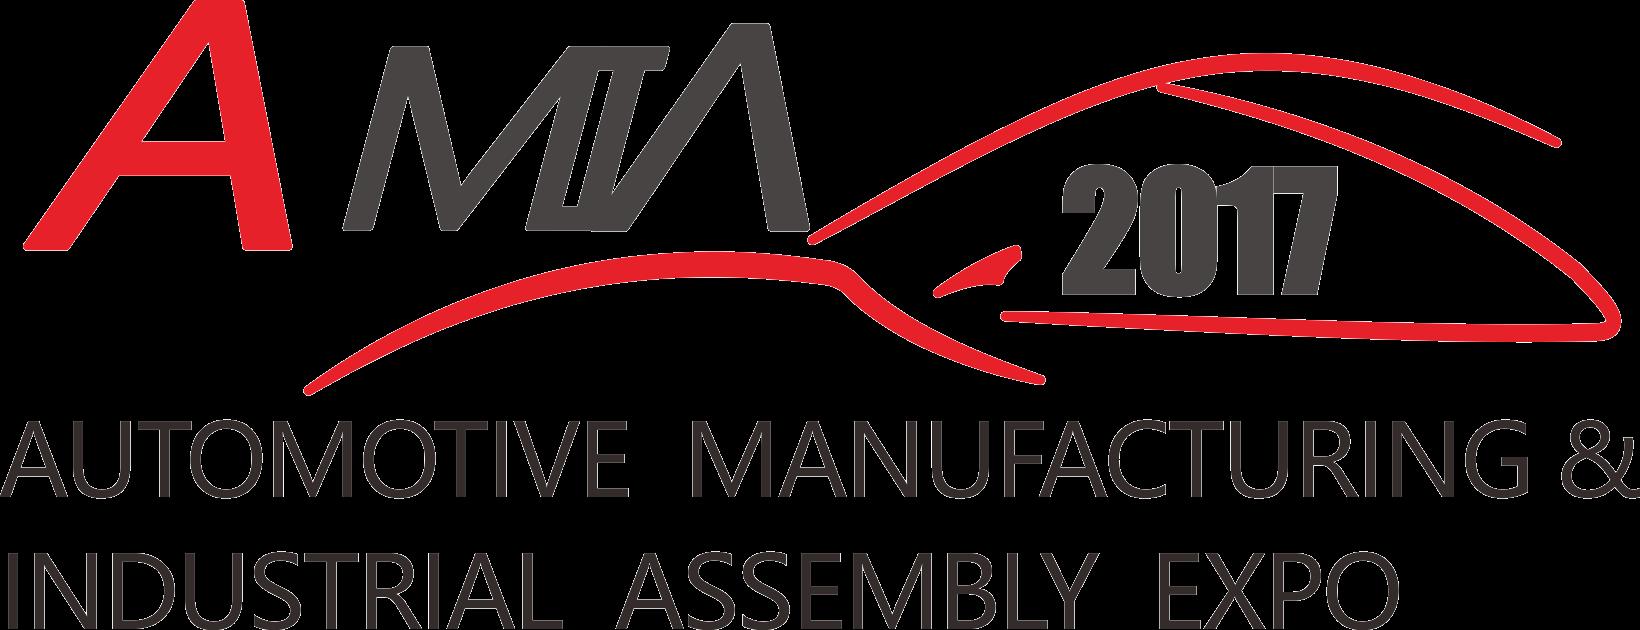 2017武汉国际汽车制造暨工业装配展览会